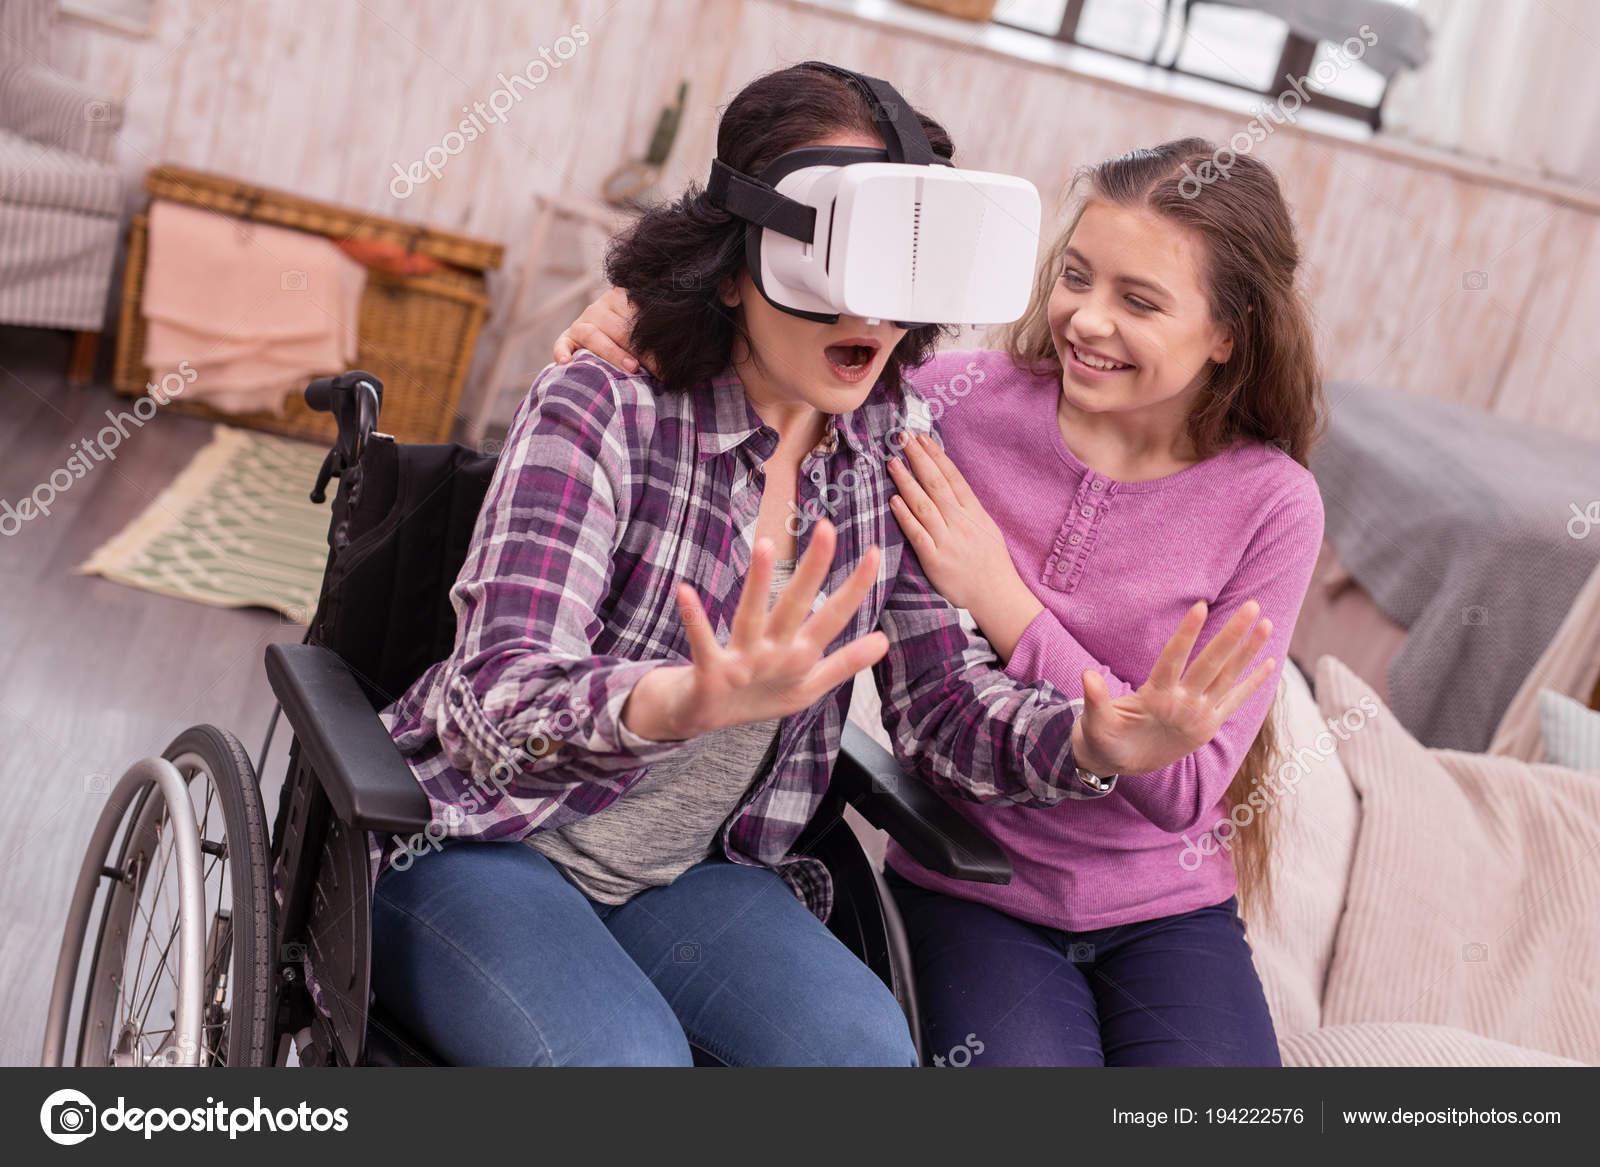 Знакомства девушек инвалидив фото знакомства в мценске без регистрации бесплатно